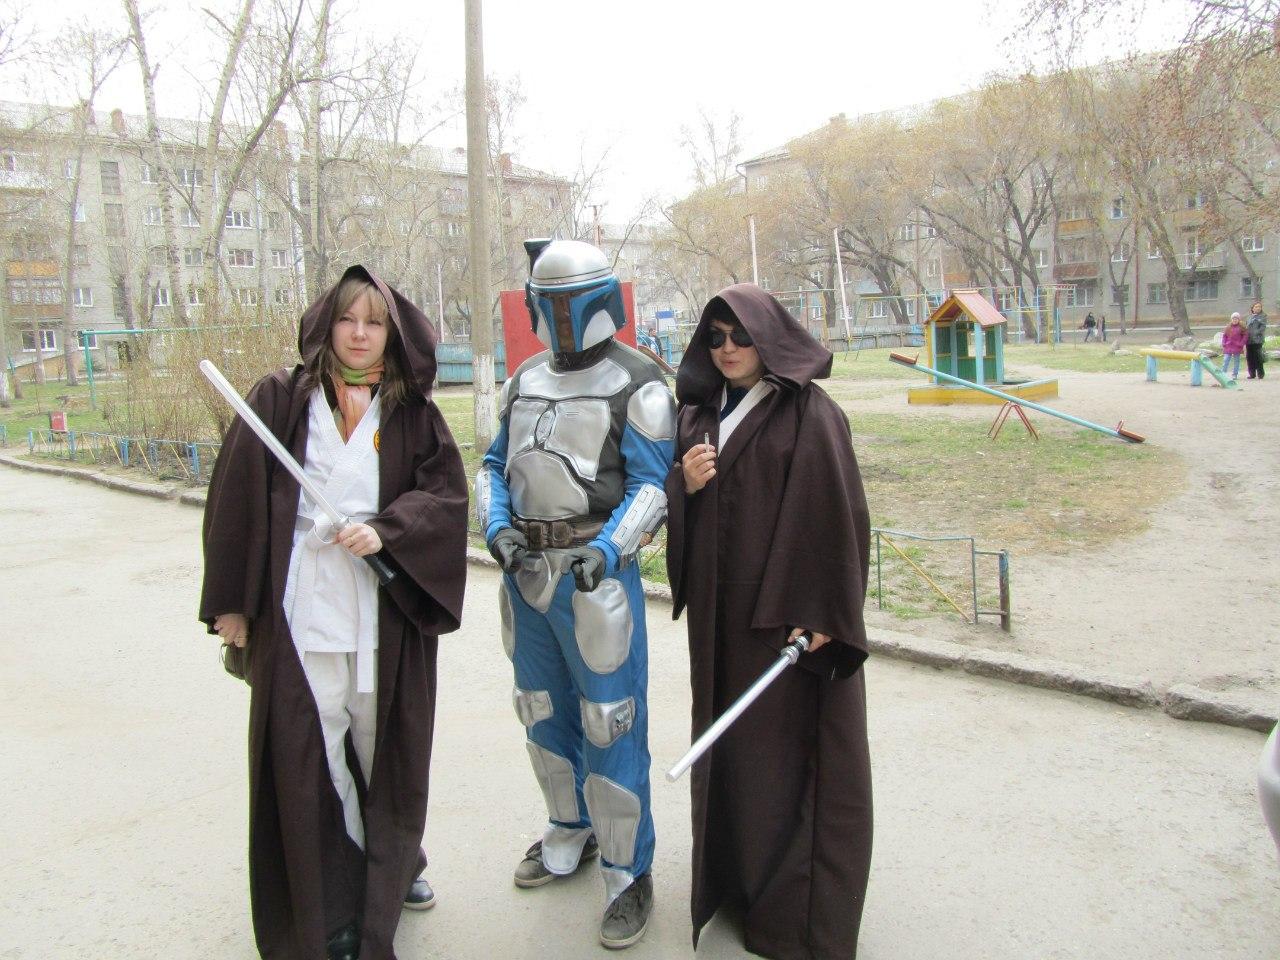 Звездные войны в Новосибирске8